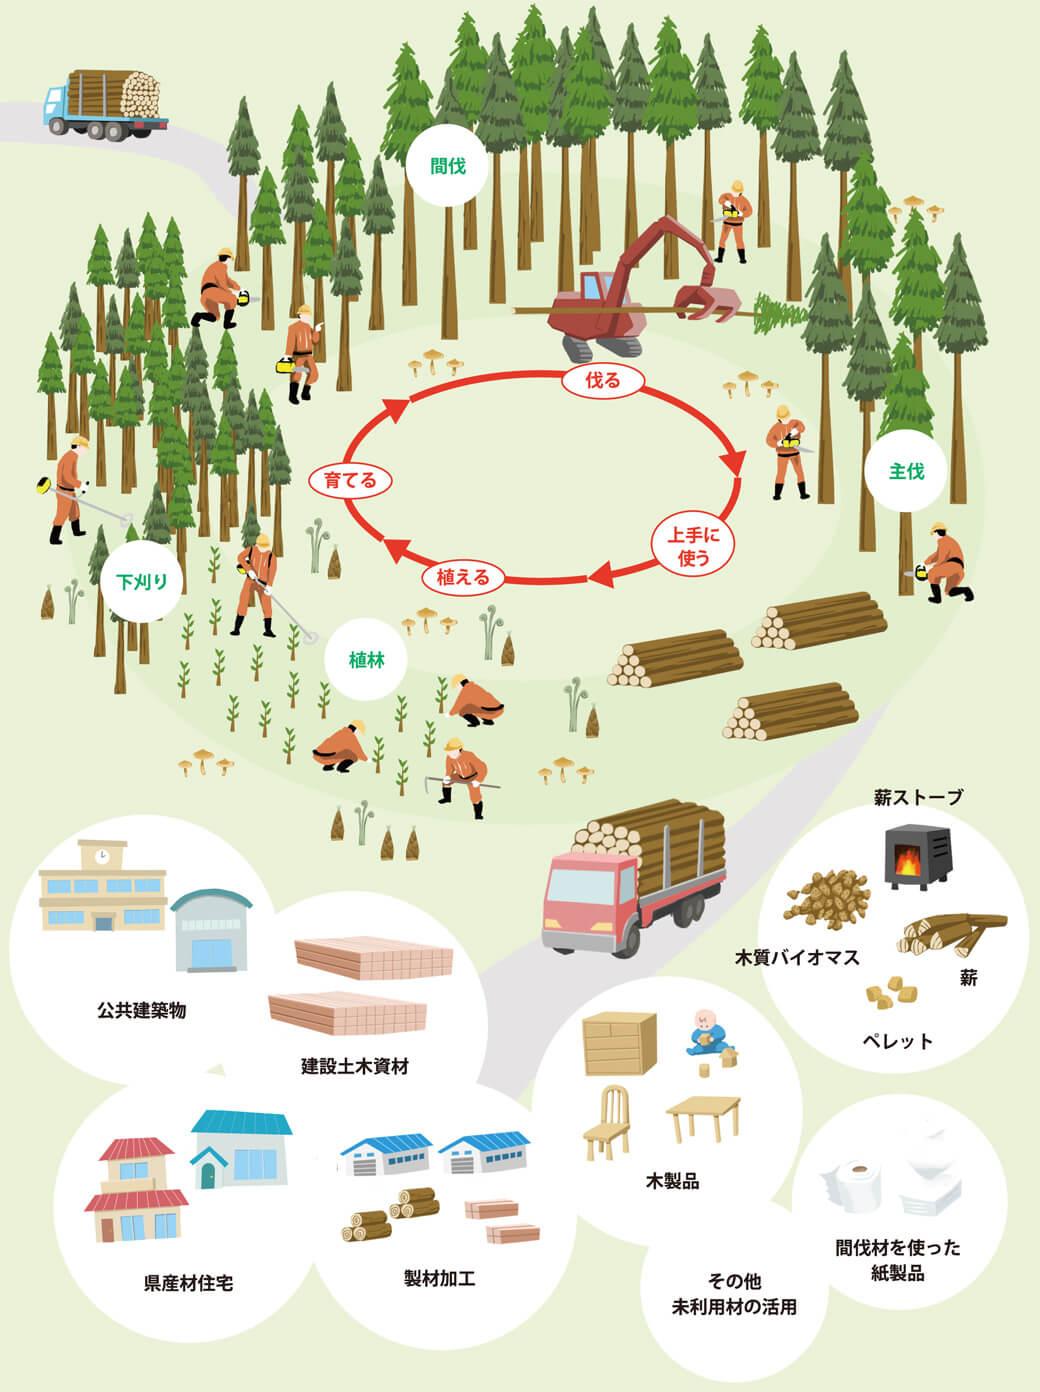 林業のしごと・木材利用